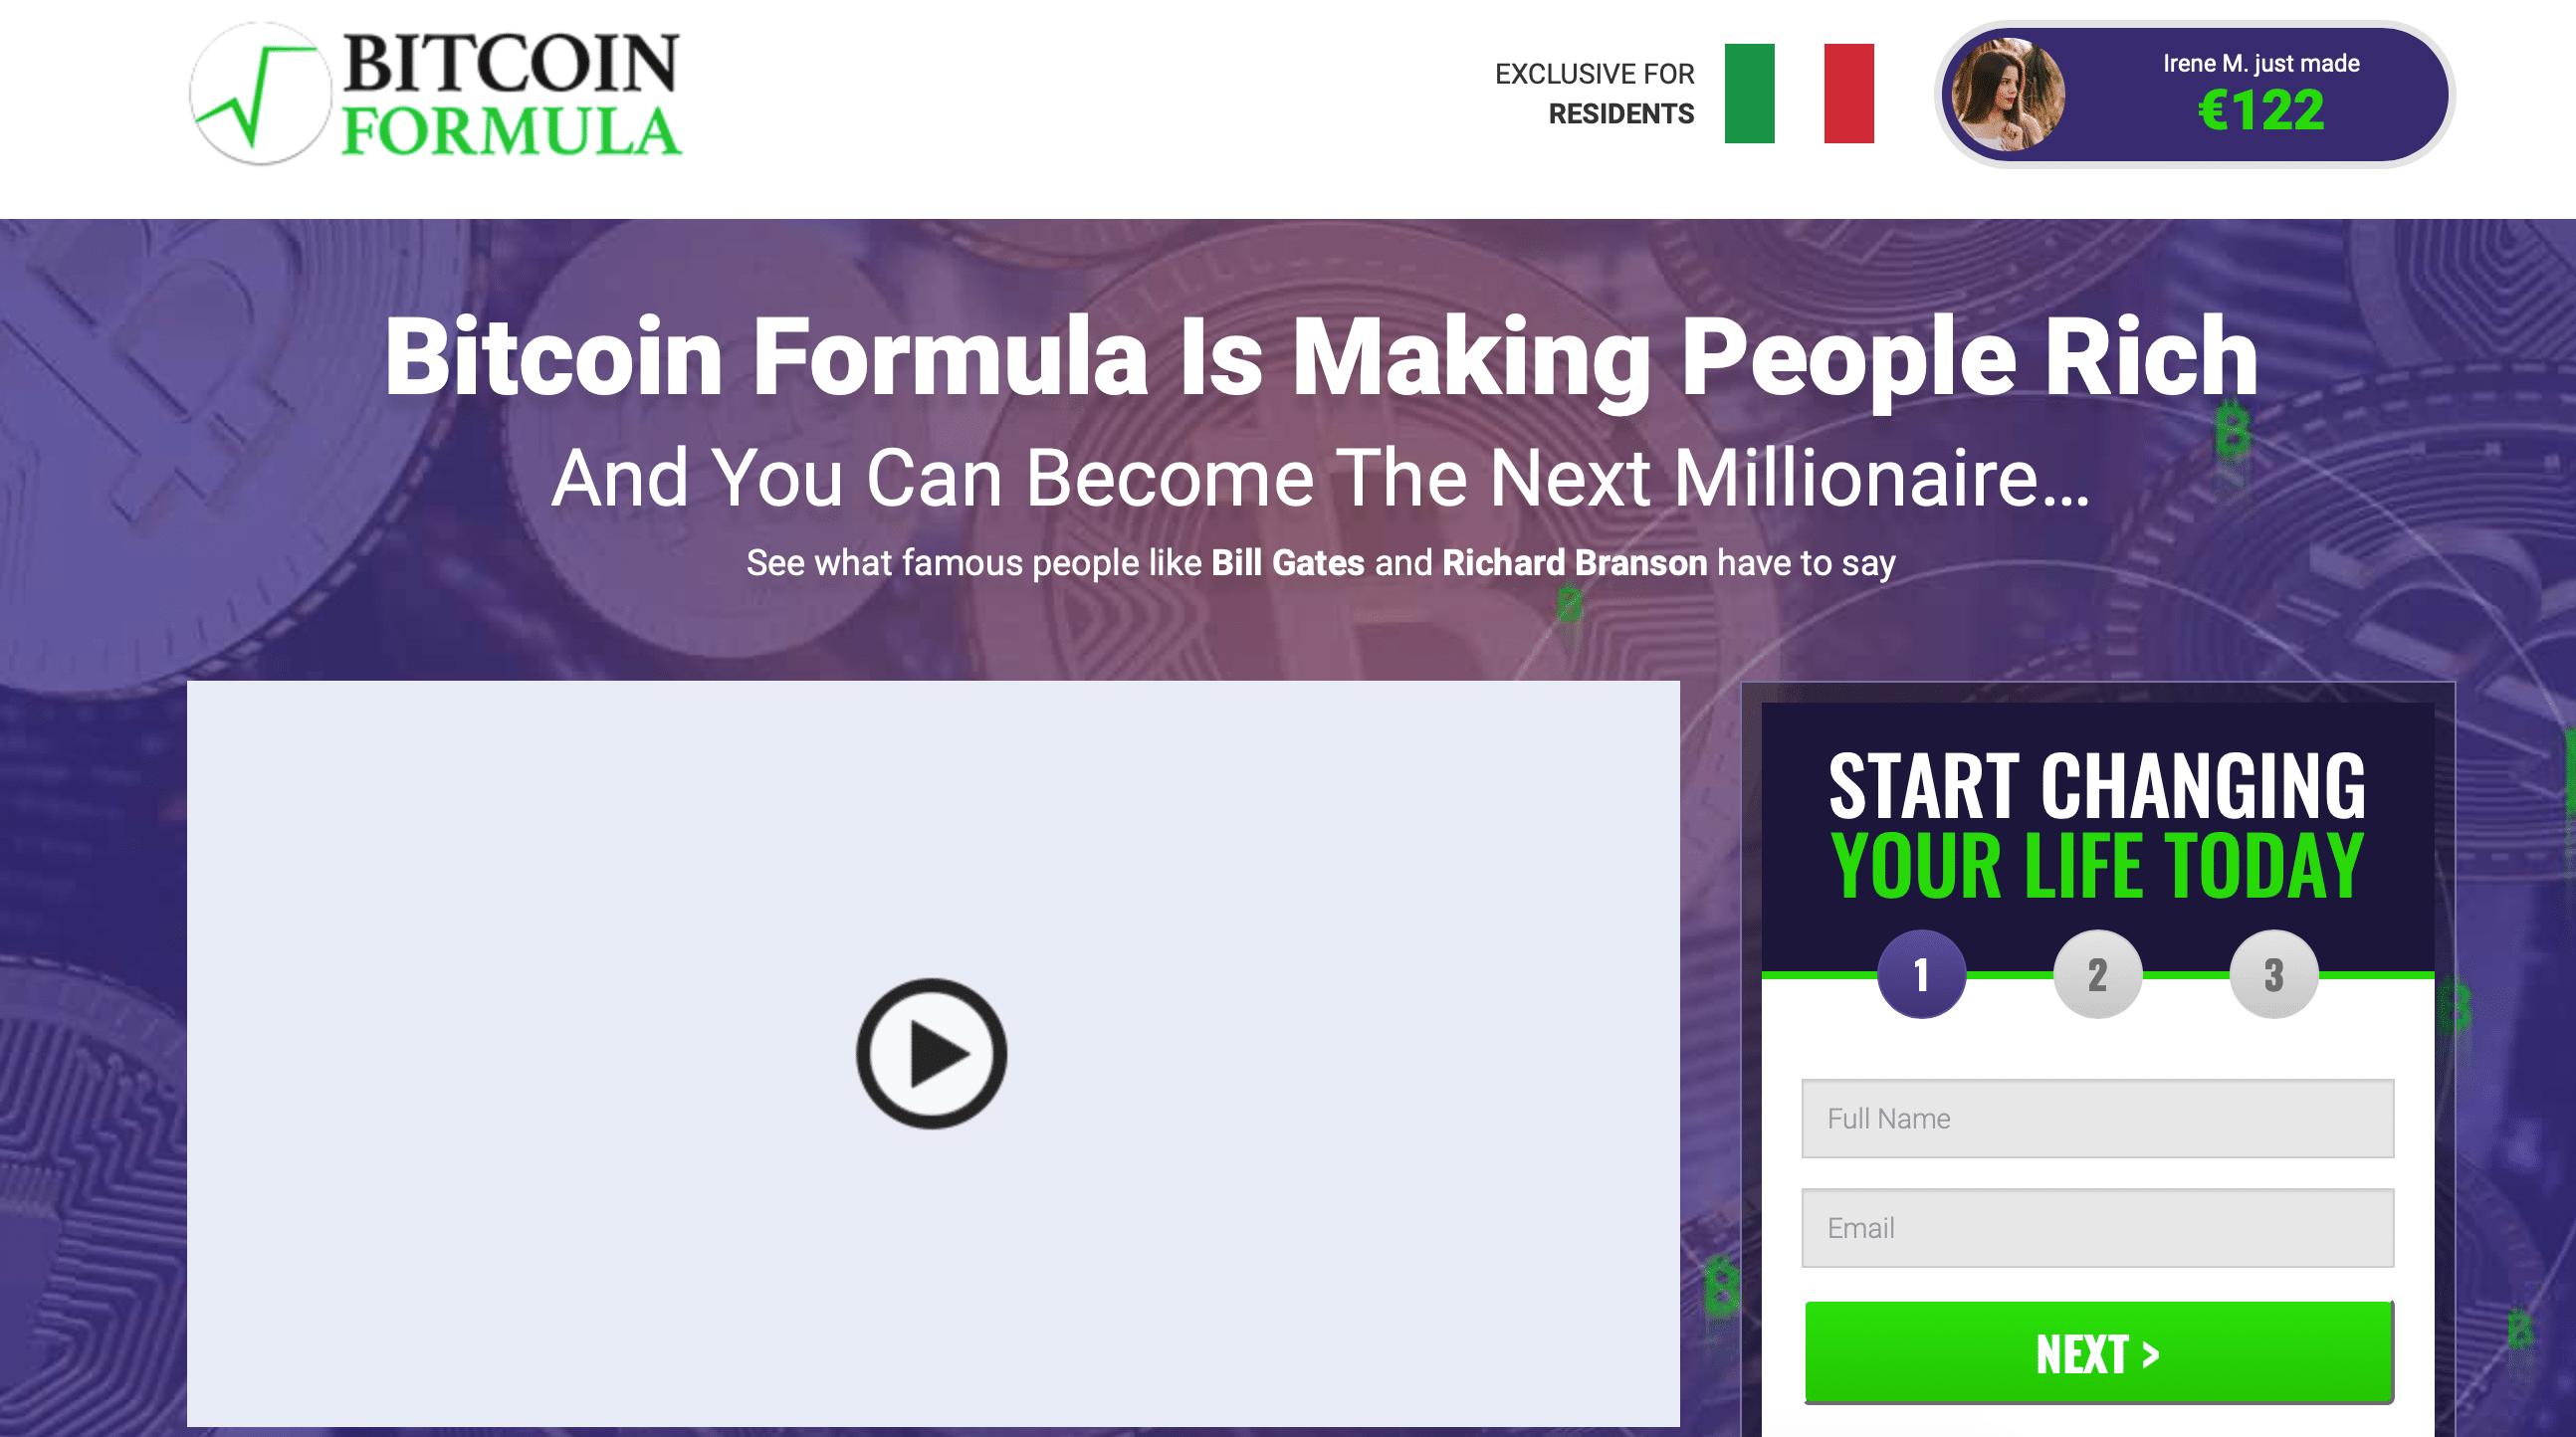 un investimento di bitcoin degno todau puoi investire usando bitcoin